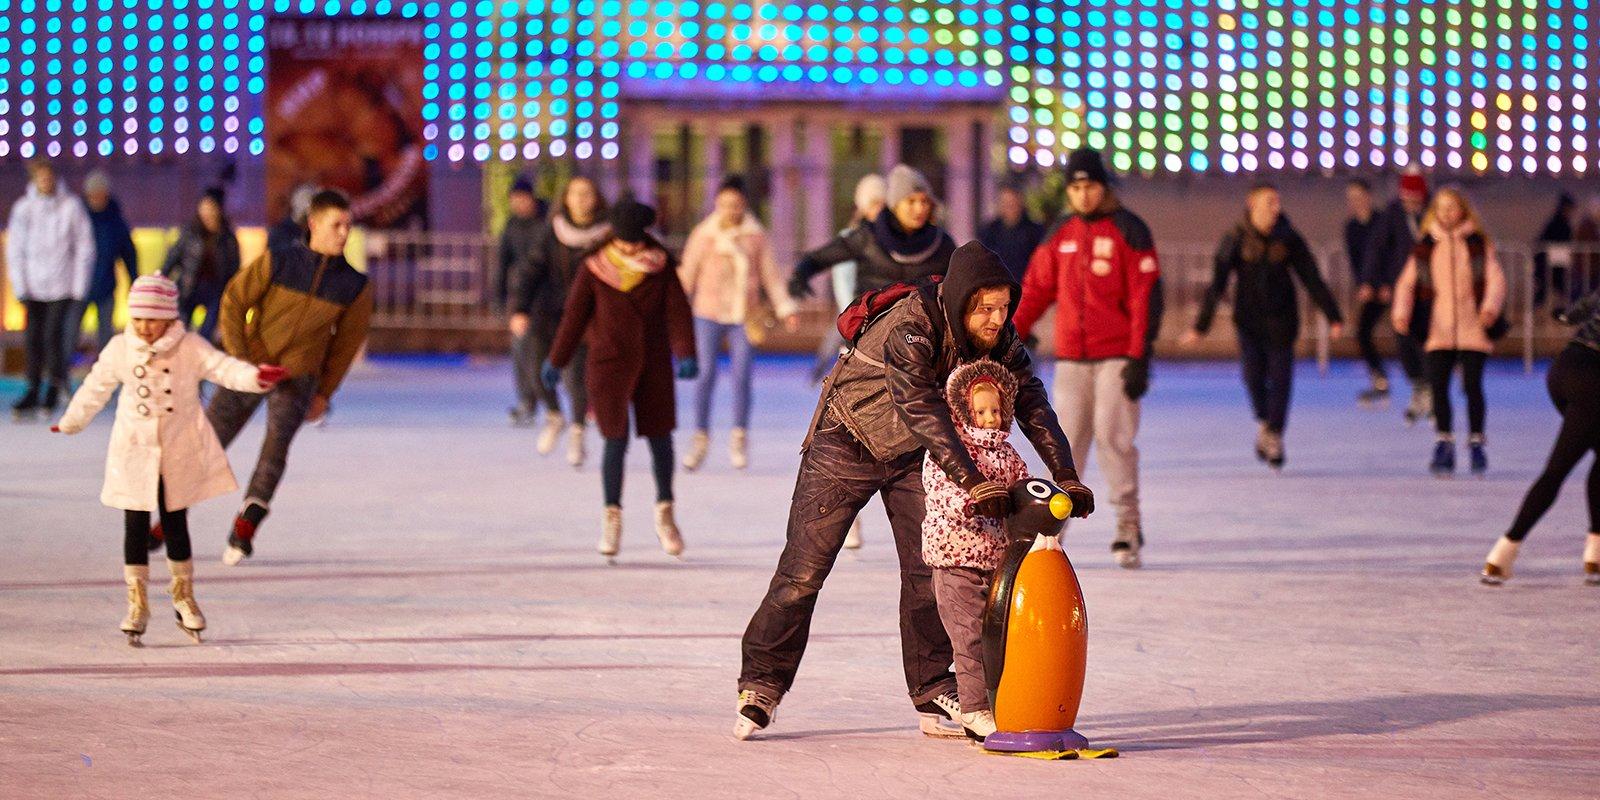 Каток в парке Горького 2018-2019: цены, как доехать, фото, расписание